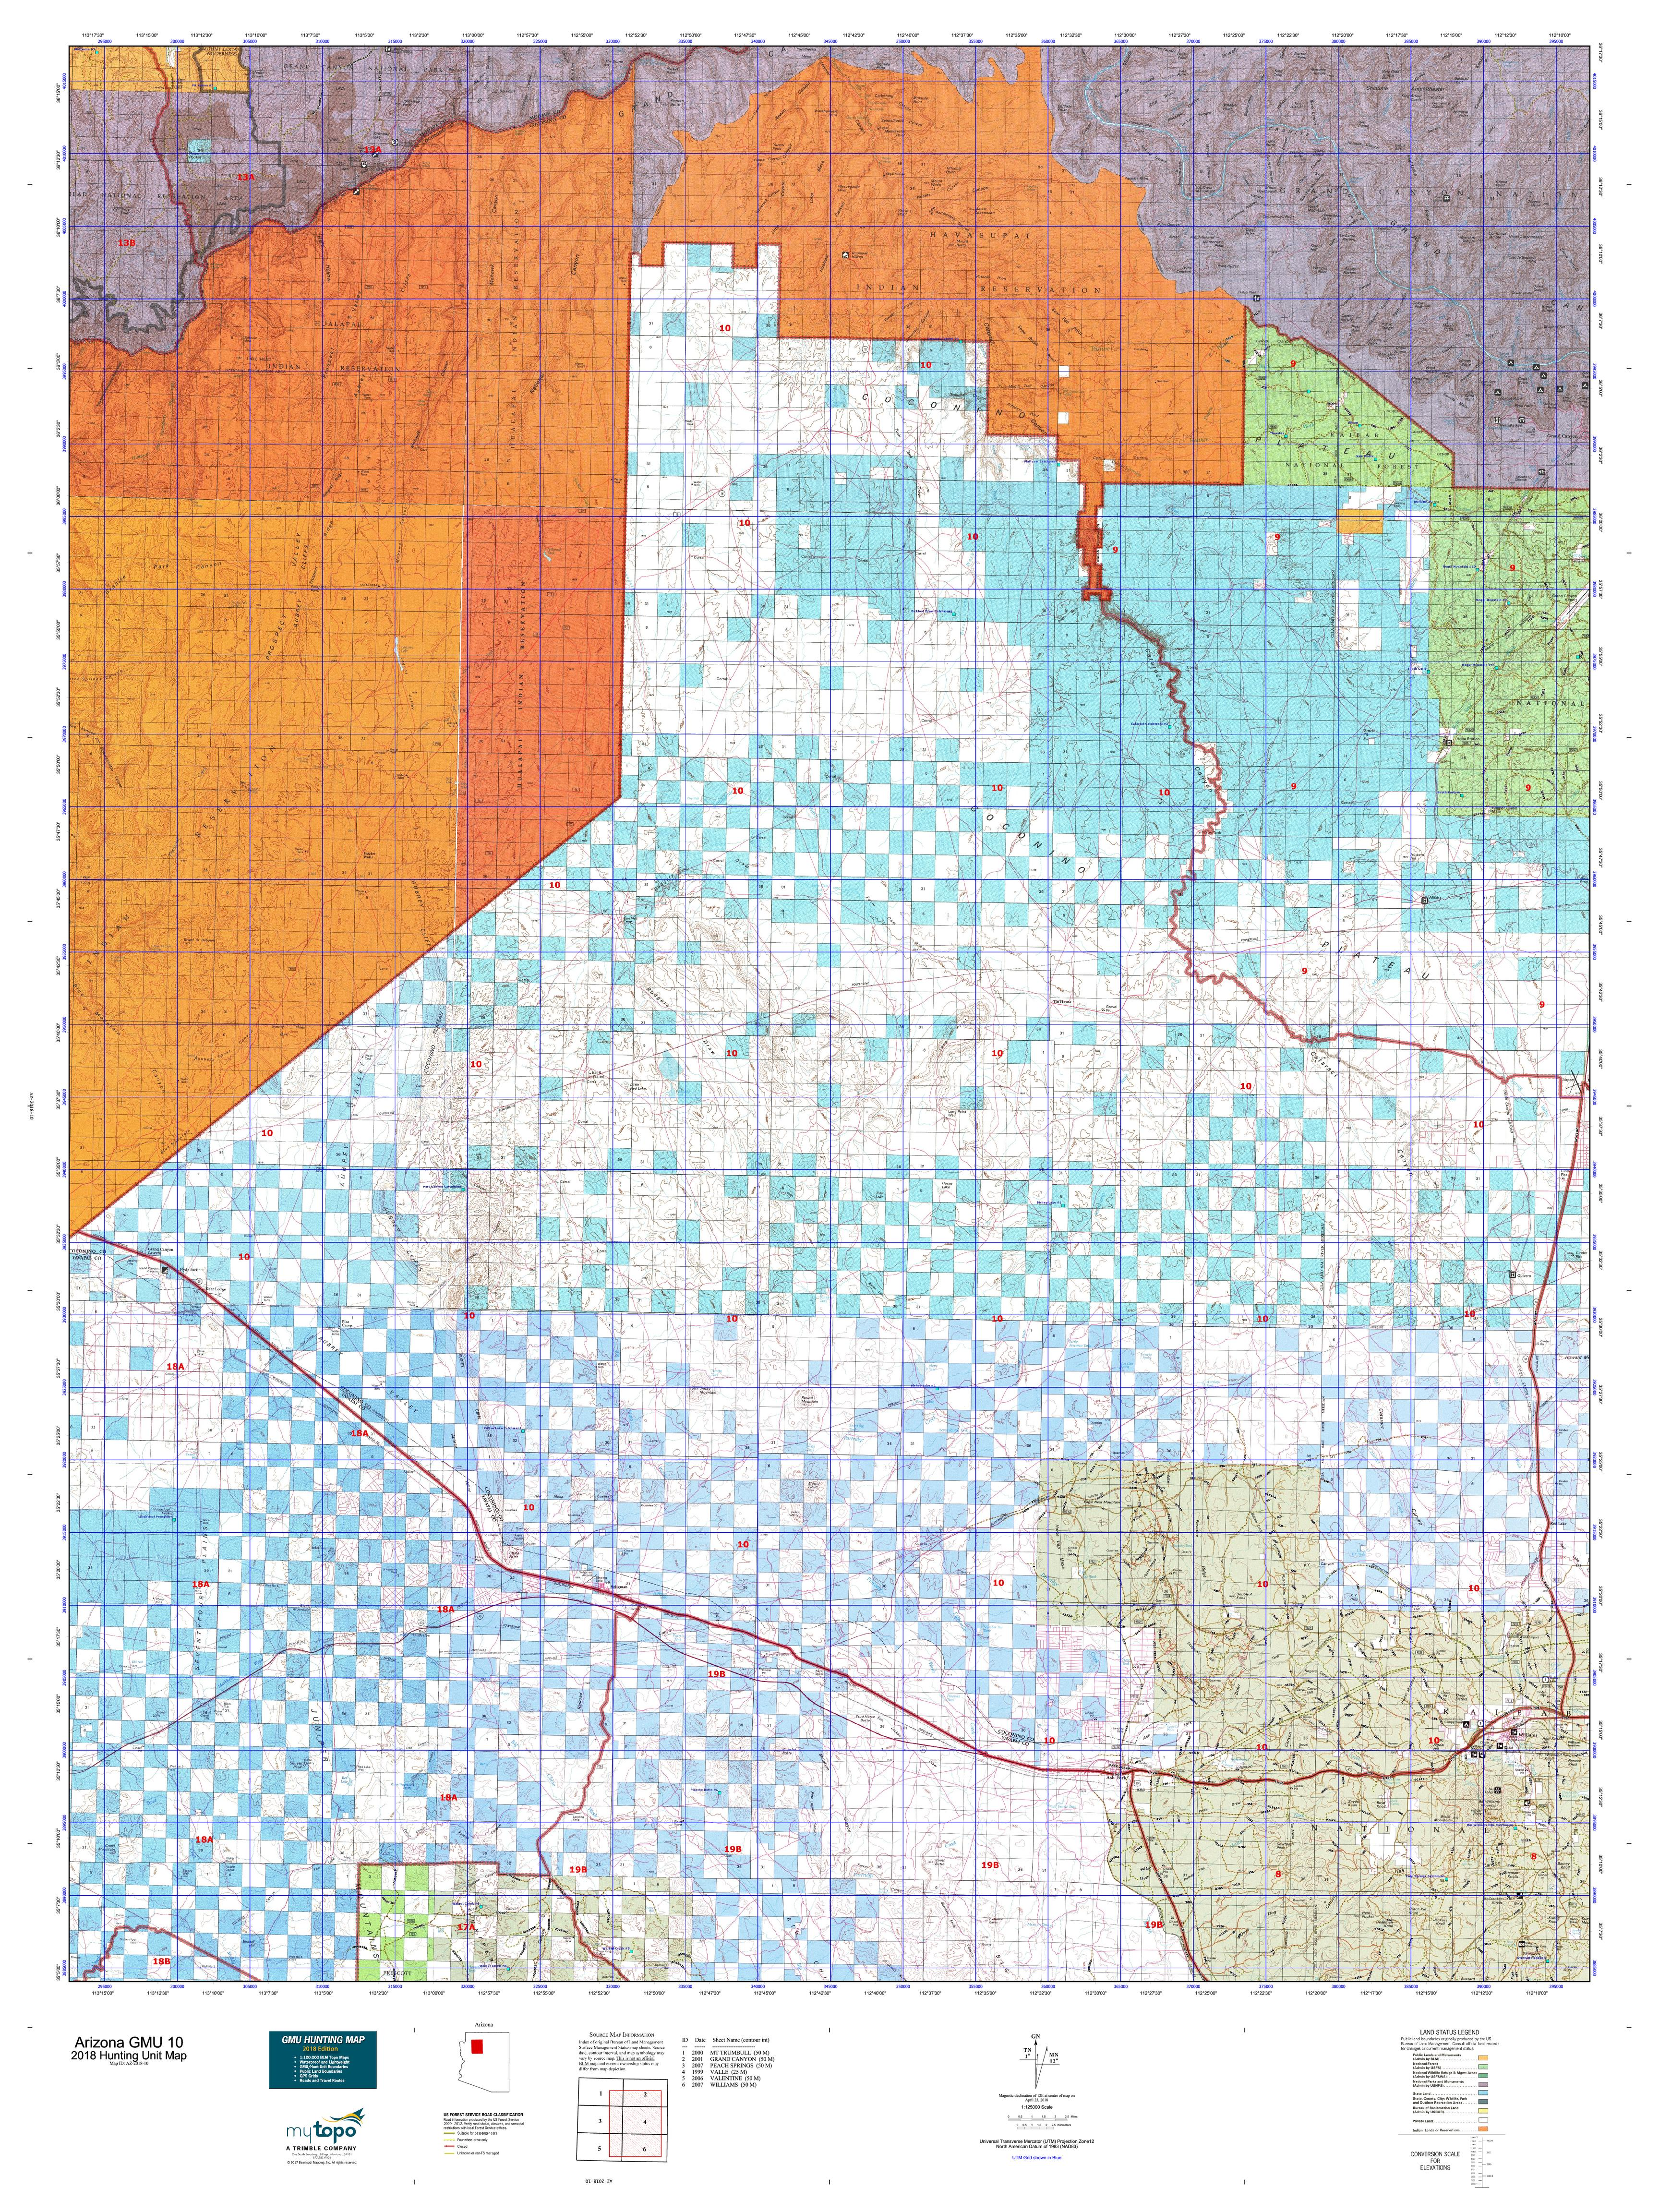 Map Of I 10 Arizona.Arizona Gmu 10 Map Mytopo